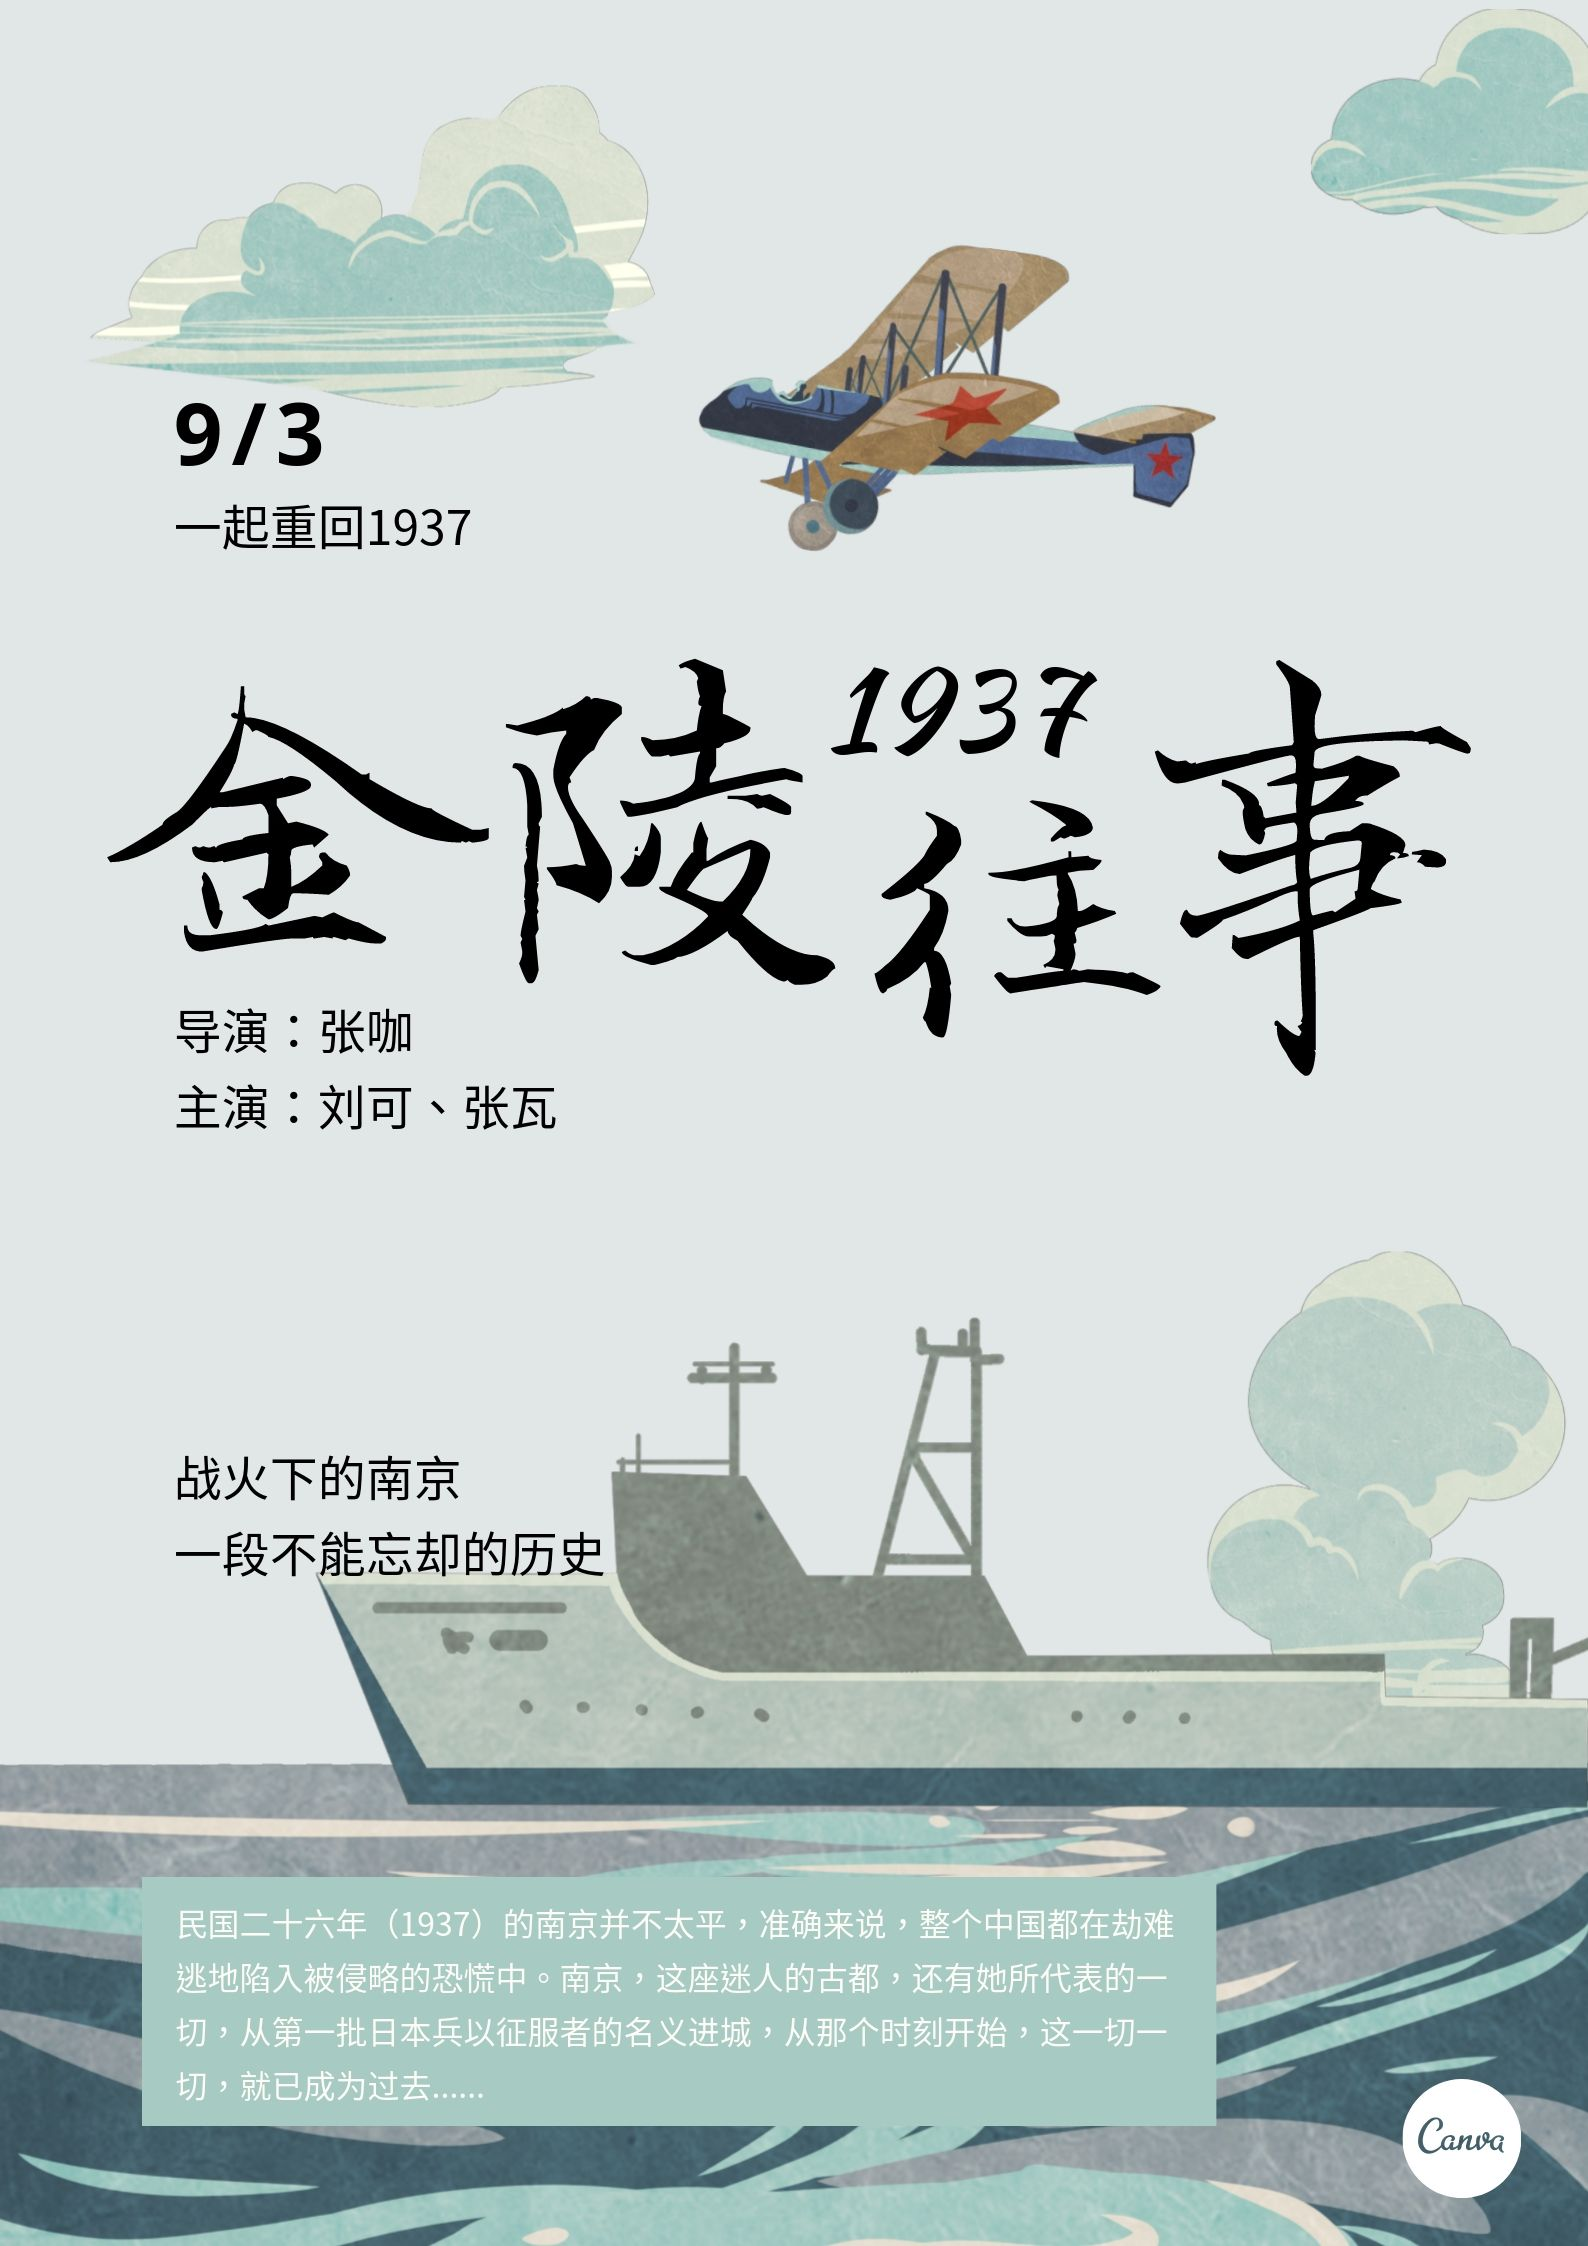 抗战胜利纪念日海报